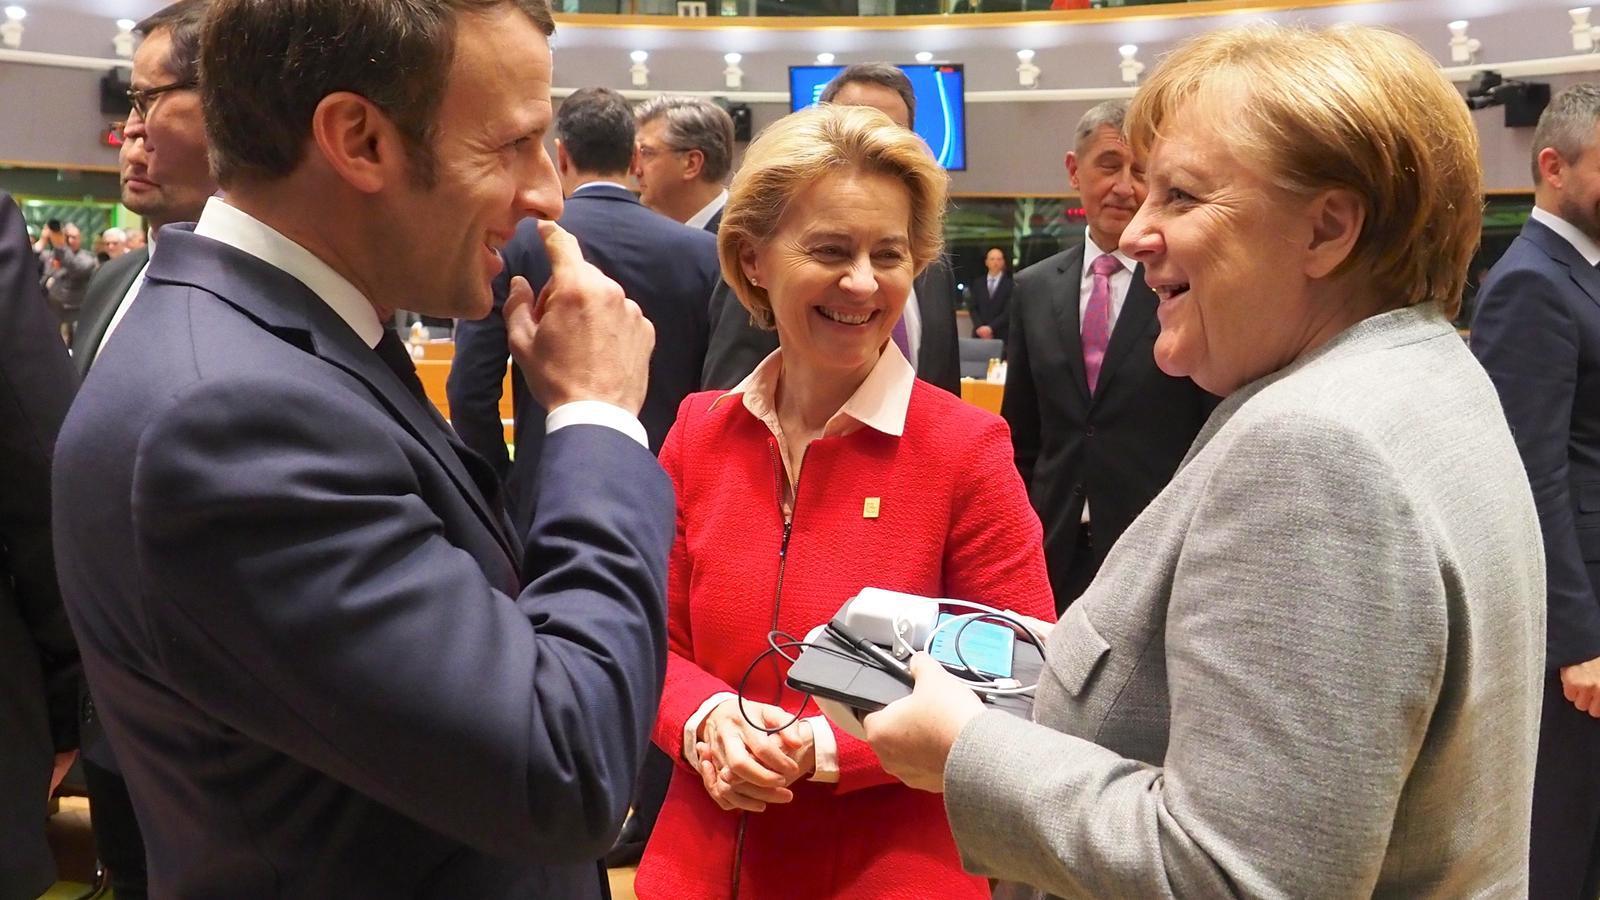 Brussel·les aigualeix els coronabons i centra la resposta a la crisi en el pressupost europeu